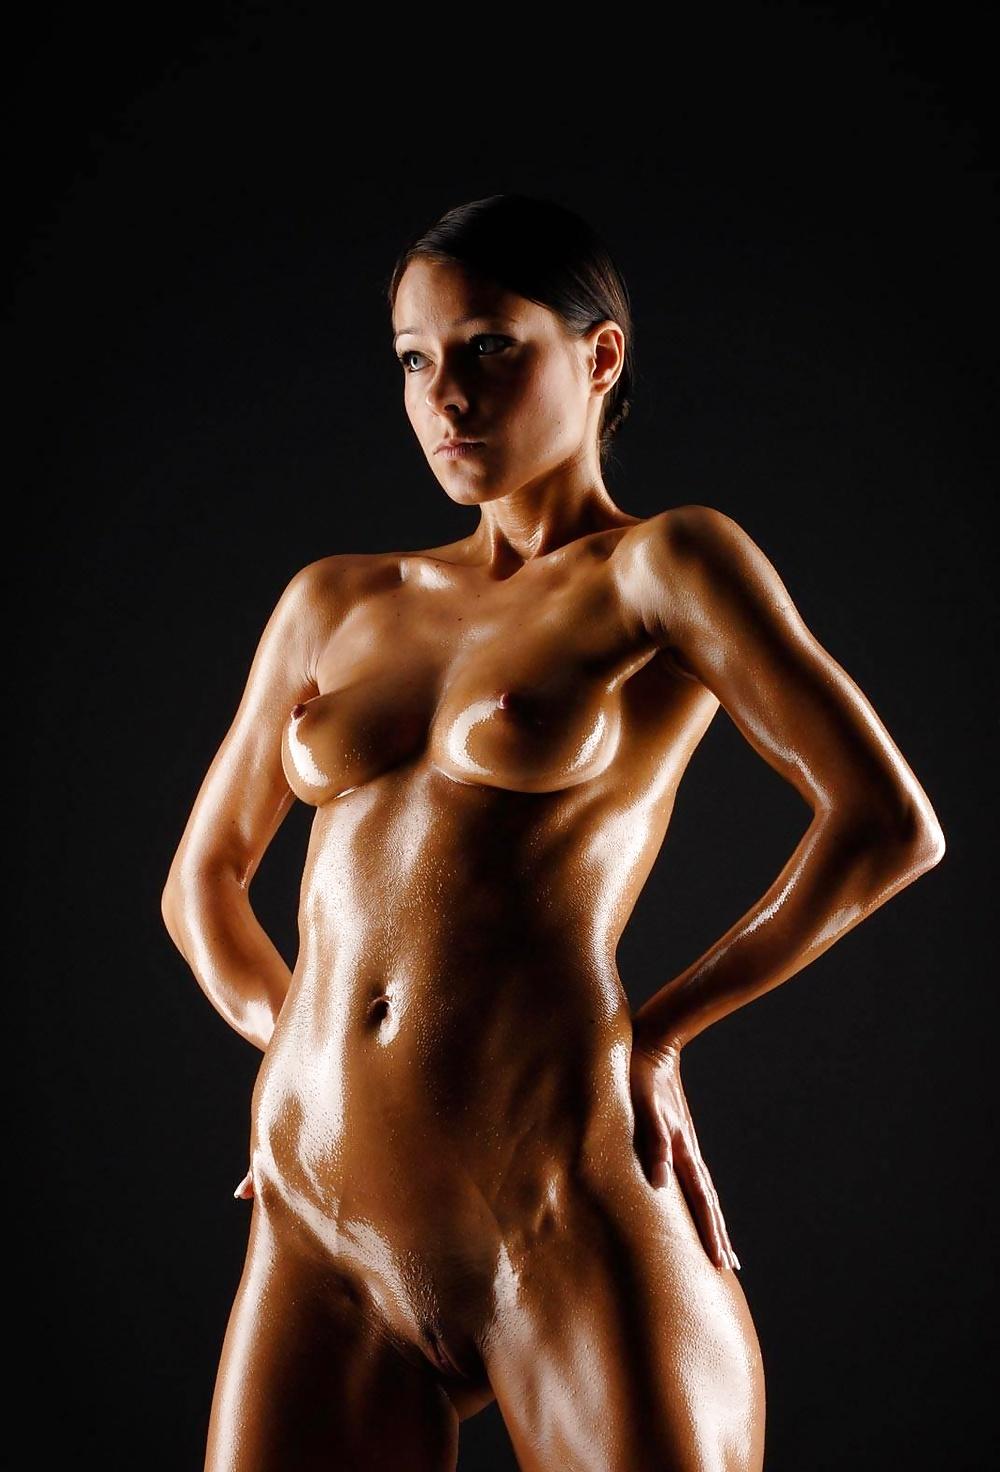 Голое тело фото арт порно, массажист интимных зон